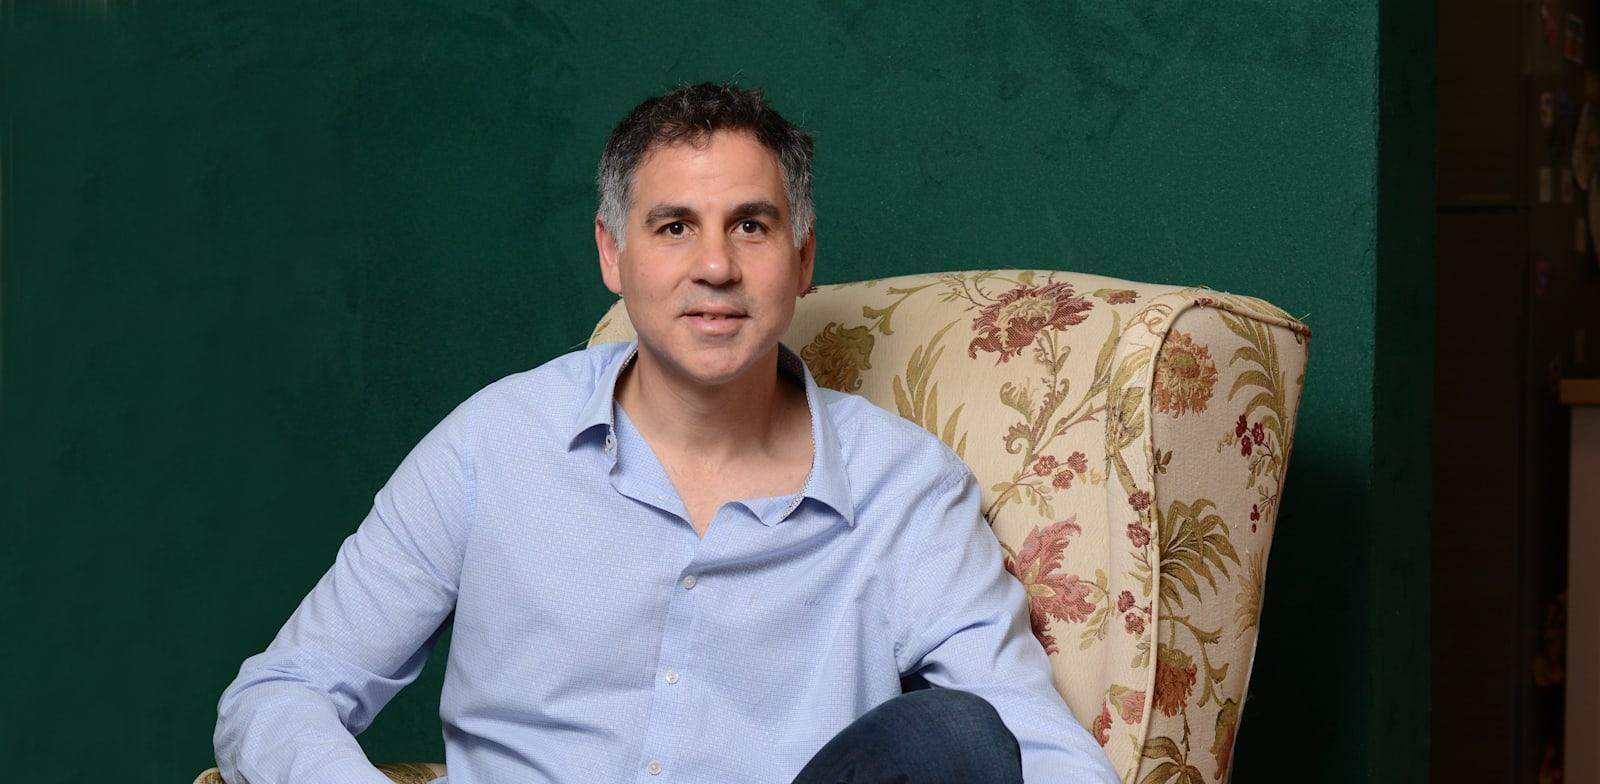 """אופיר גוטמן, מנכ""""ל פרוקטר אנד גמבל ישראל / צילום: איל יצהר"""